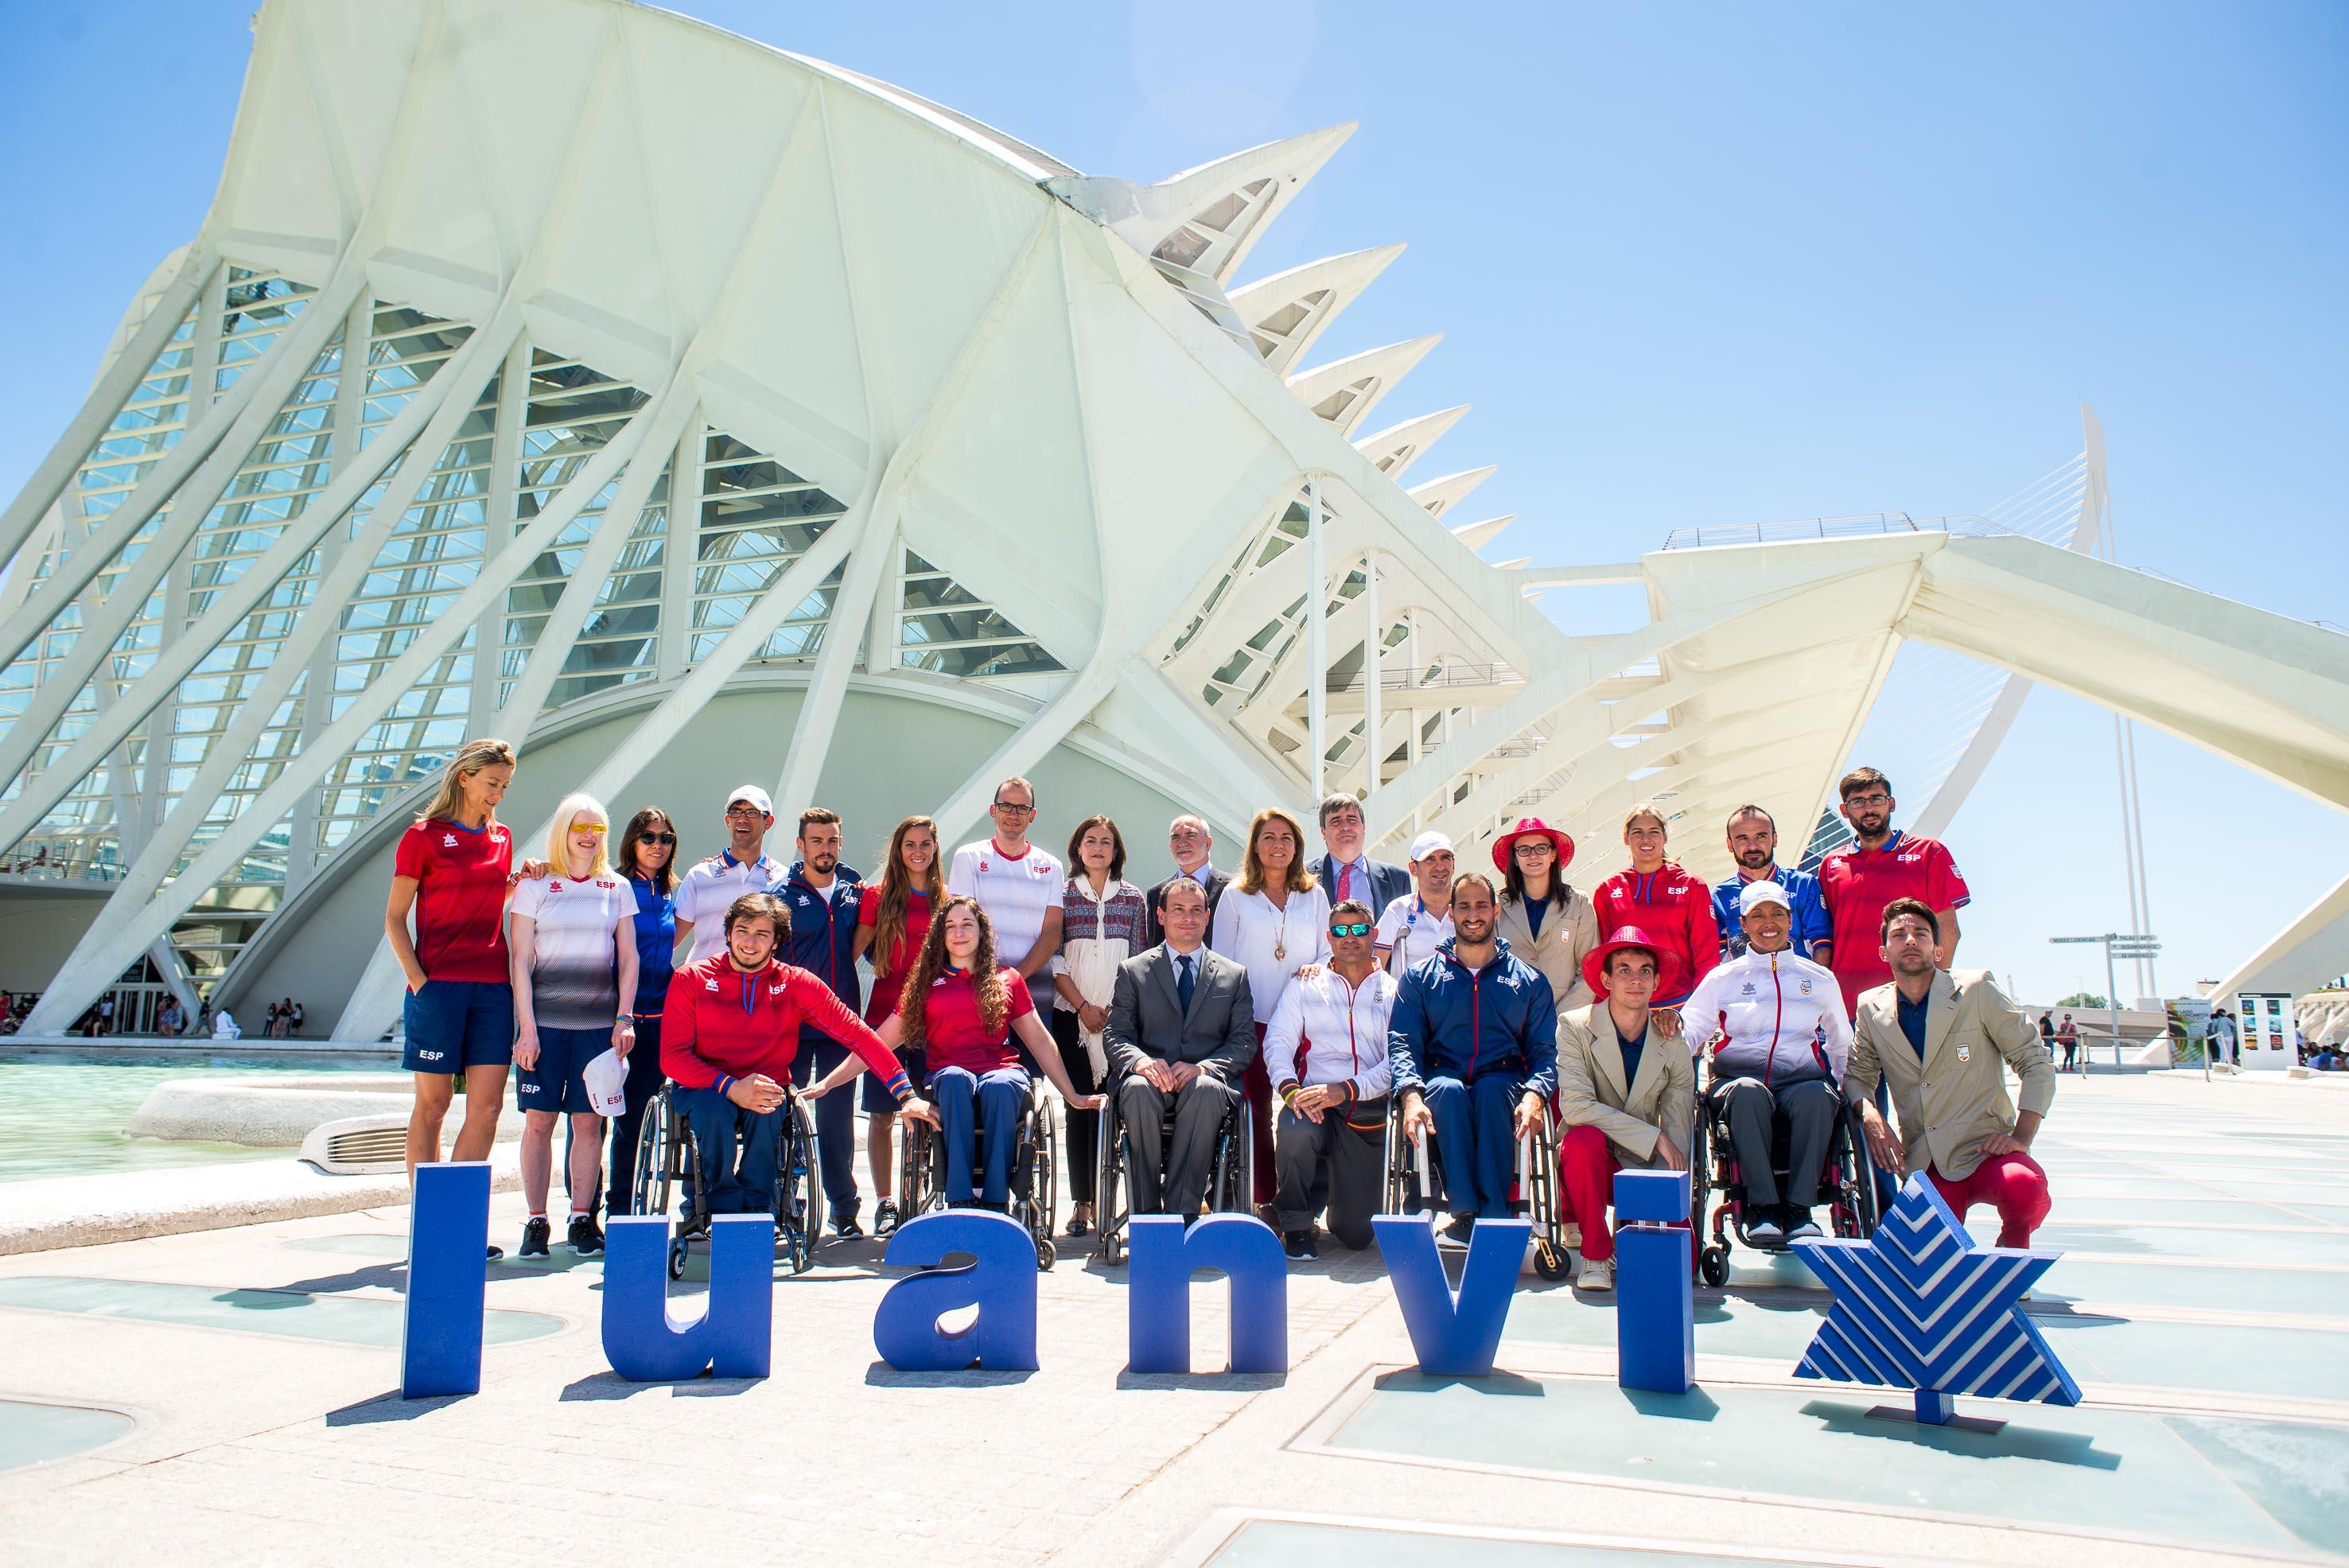 La excelente percha del equipo paralímpico español